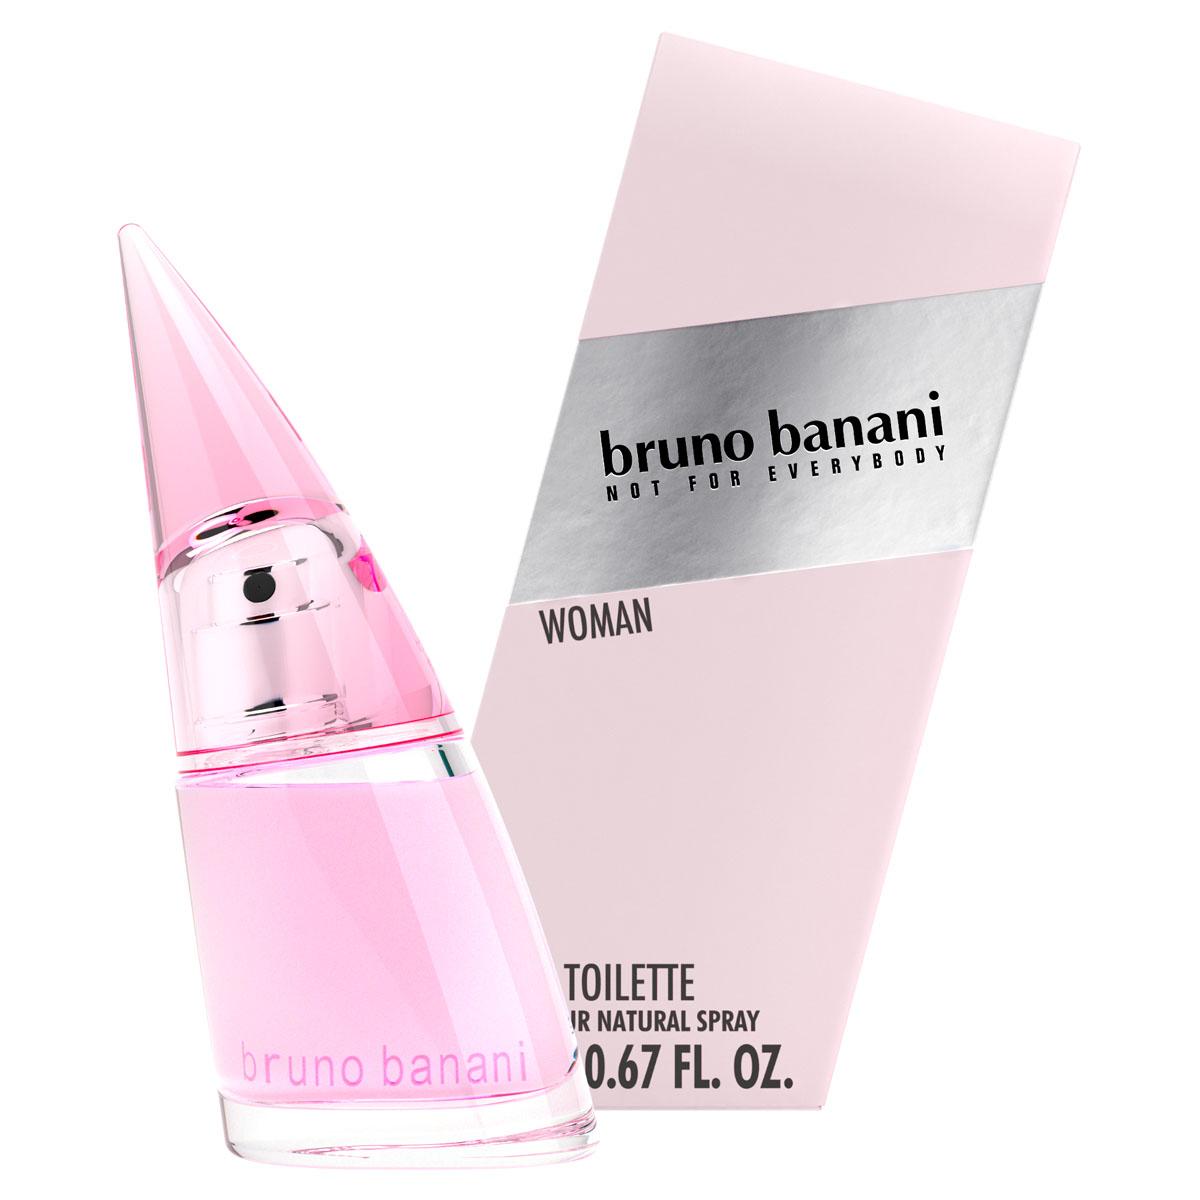 Bruno Banani Woman Туалетная вода 40 мл0737052885131АРОМАТ bruno banani WOMAN – полный энергии, соблазнительный и дерзкий, но очень чувственный. Фруктовые ноты персика смешиваются с теплотой ванили и придают аромату чувственность.